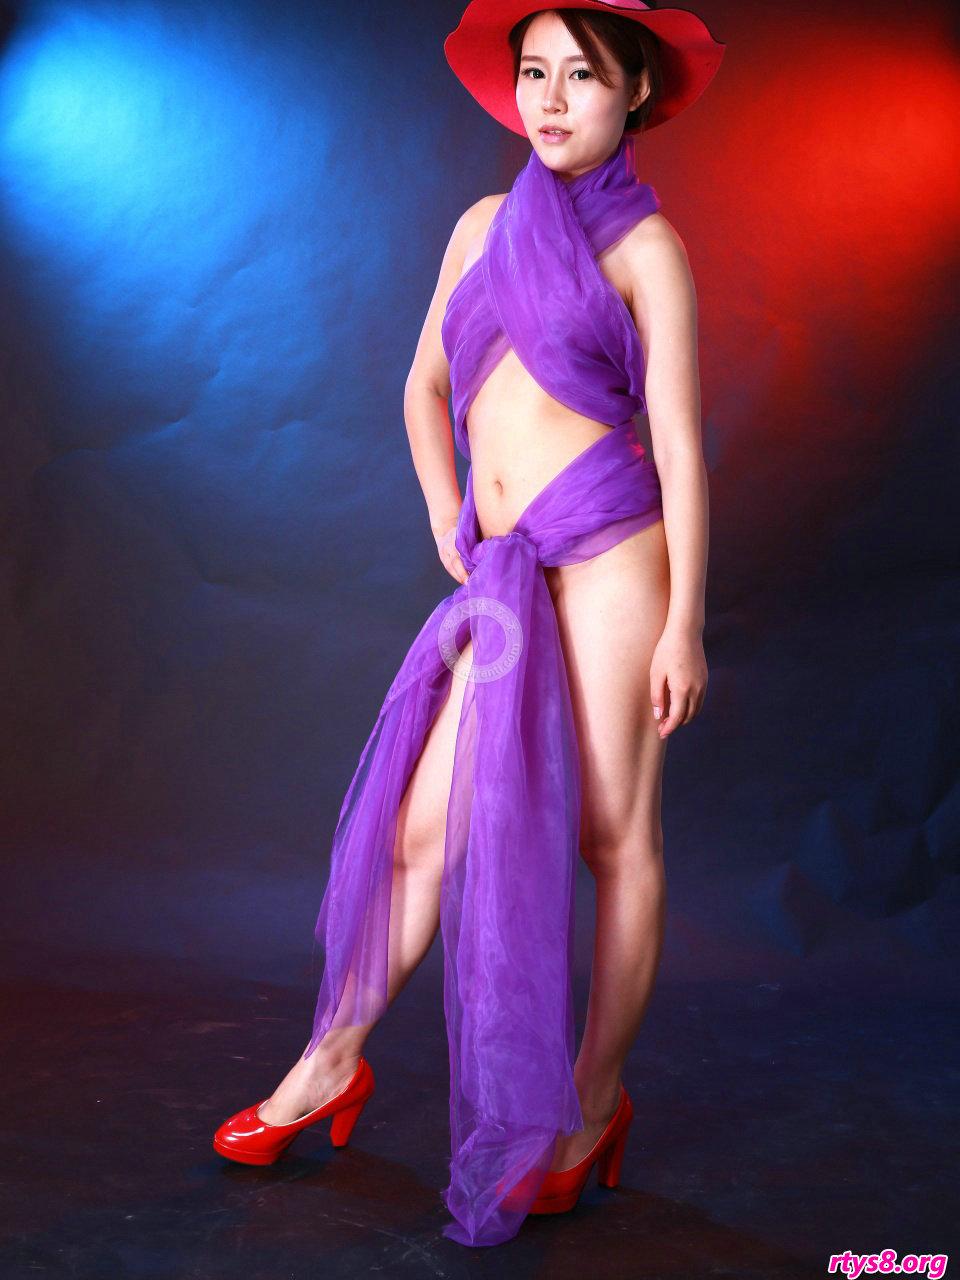 身披紫色丝巾的美模阿熙演绎朦胧美